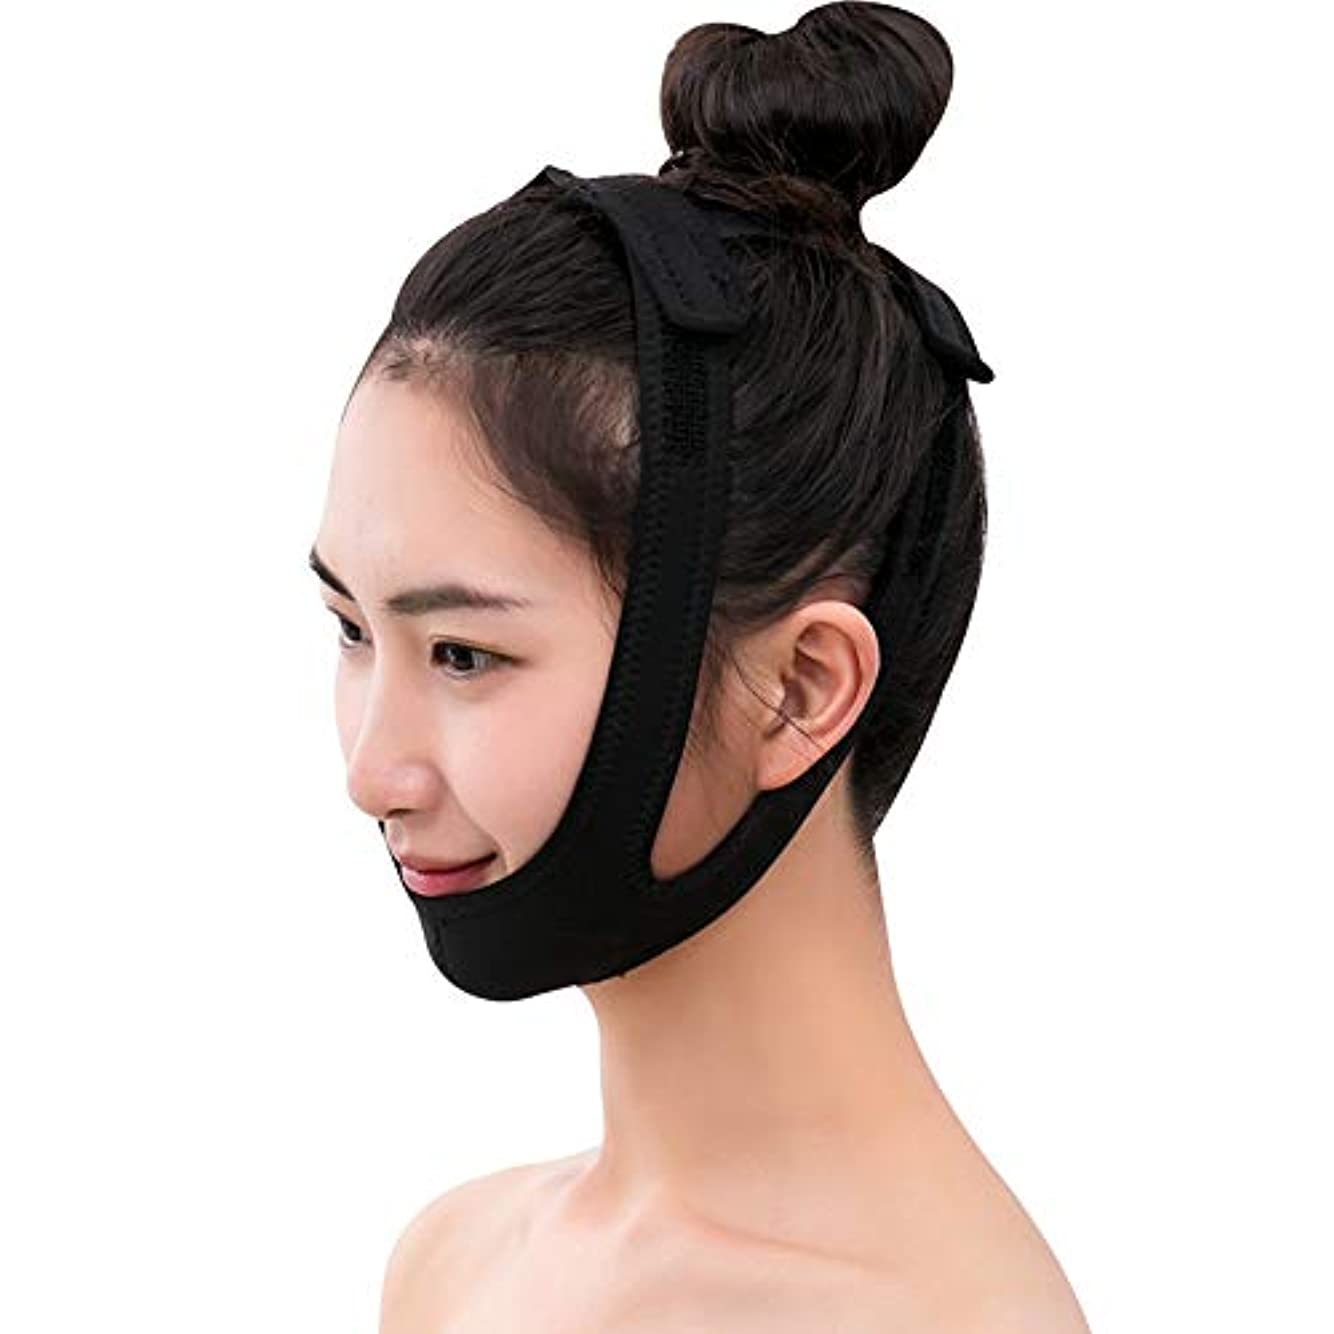 惨めなブロッサムバリアMinmin フェイシャルリフティング痩身ベルト圧縮二重あご減量ベルトスキンケア薄い顔包帯二重あごワークアウト みんみんVラインフェイスマスク